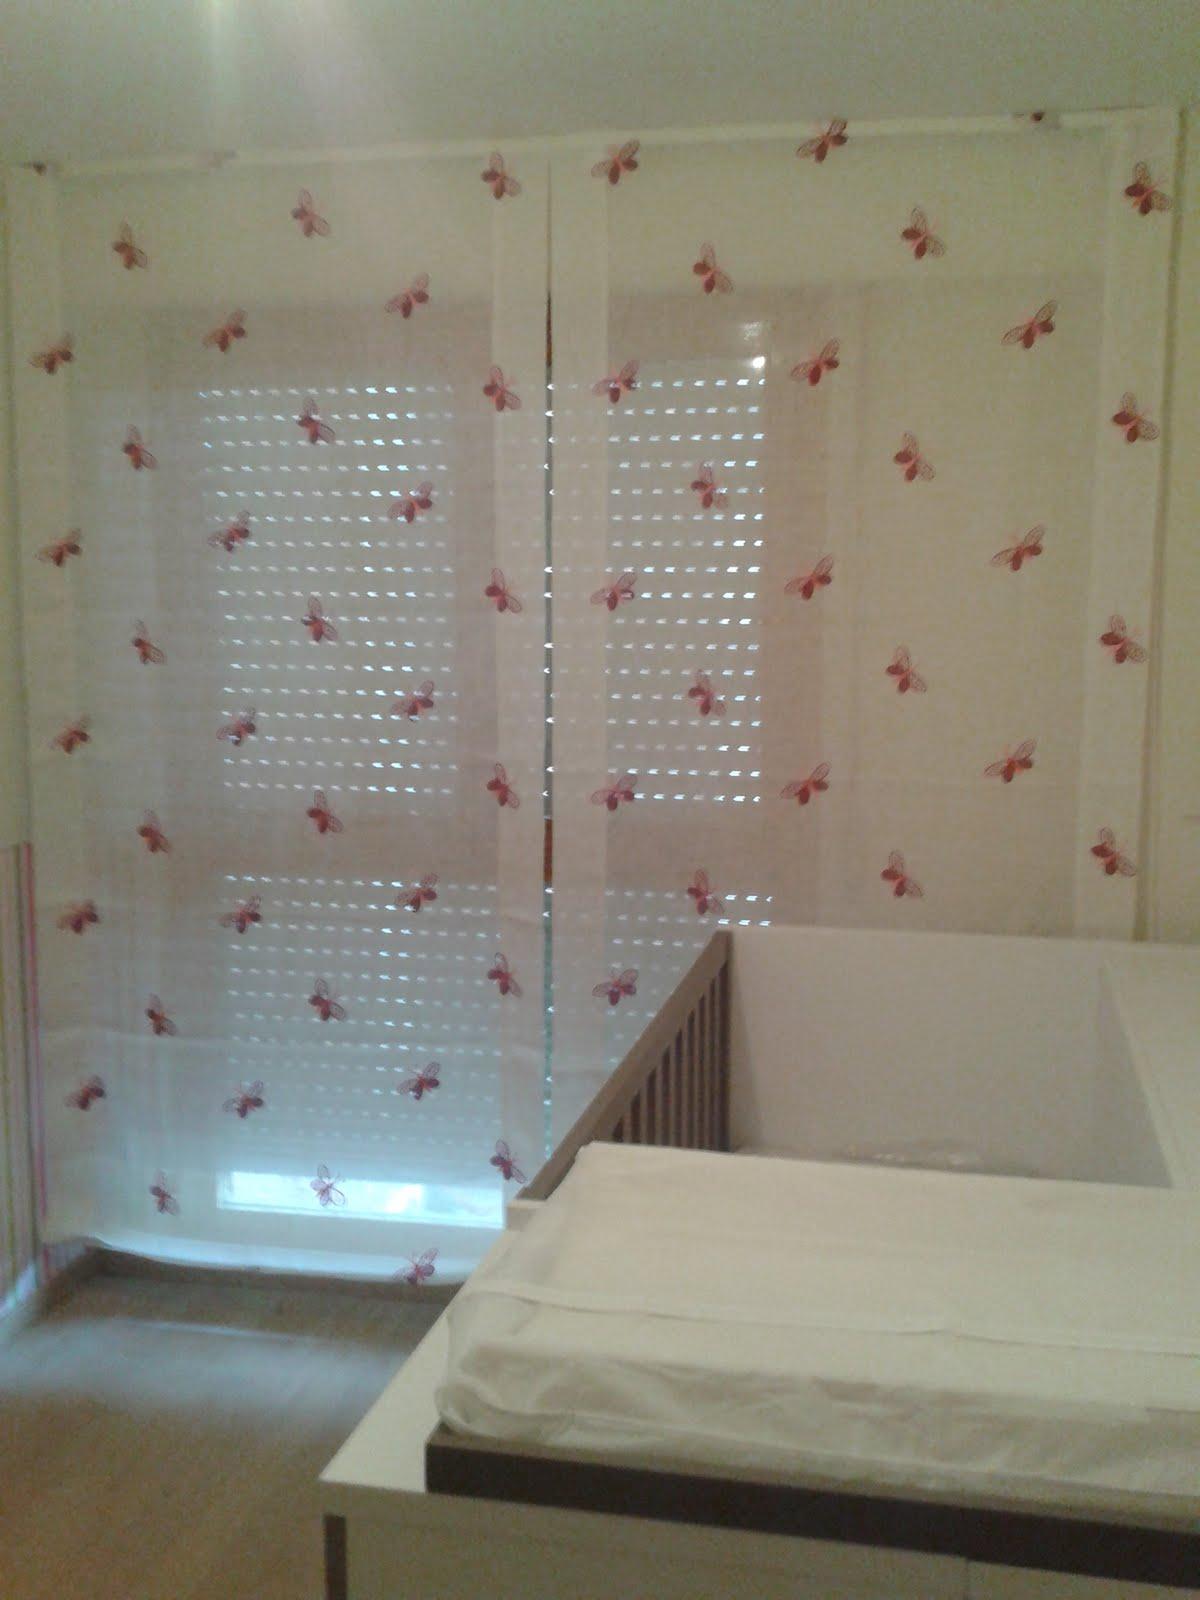 des murs enchant s peinture murale desmursenchantes pourdecorer les murs de la chambre et. Black Bedroom Furniture Sets. Home Design Ideas